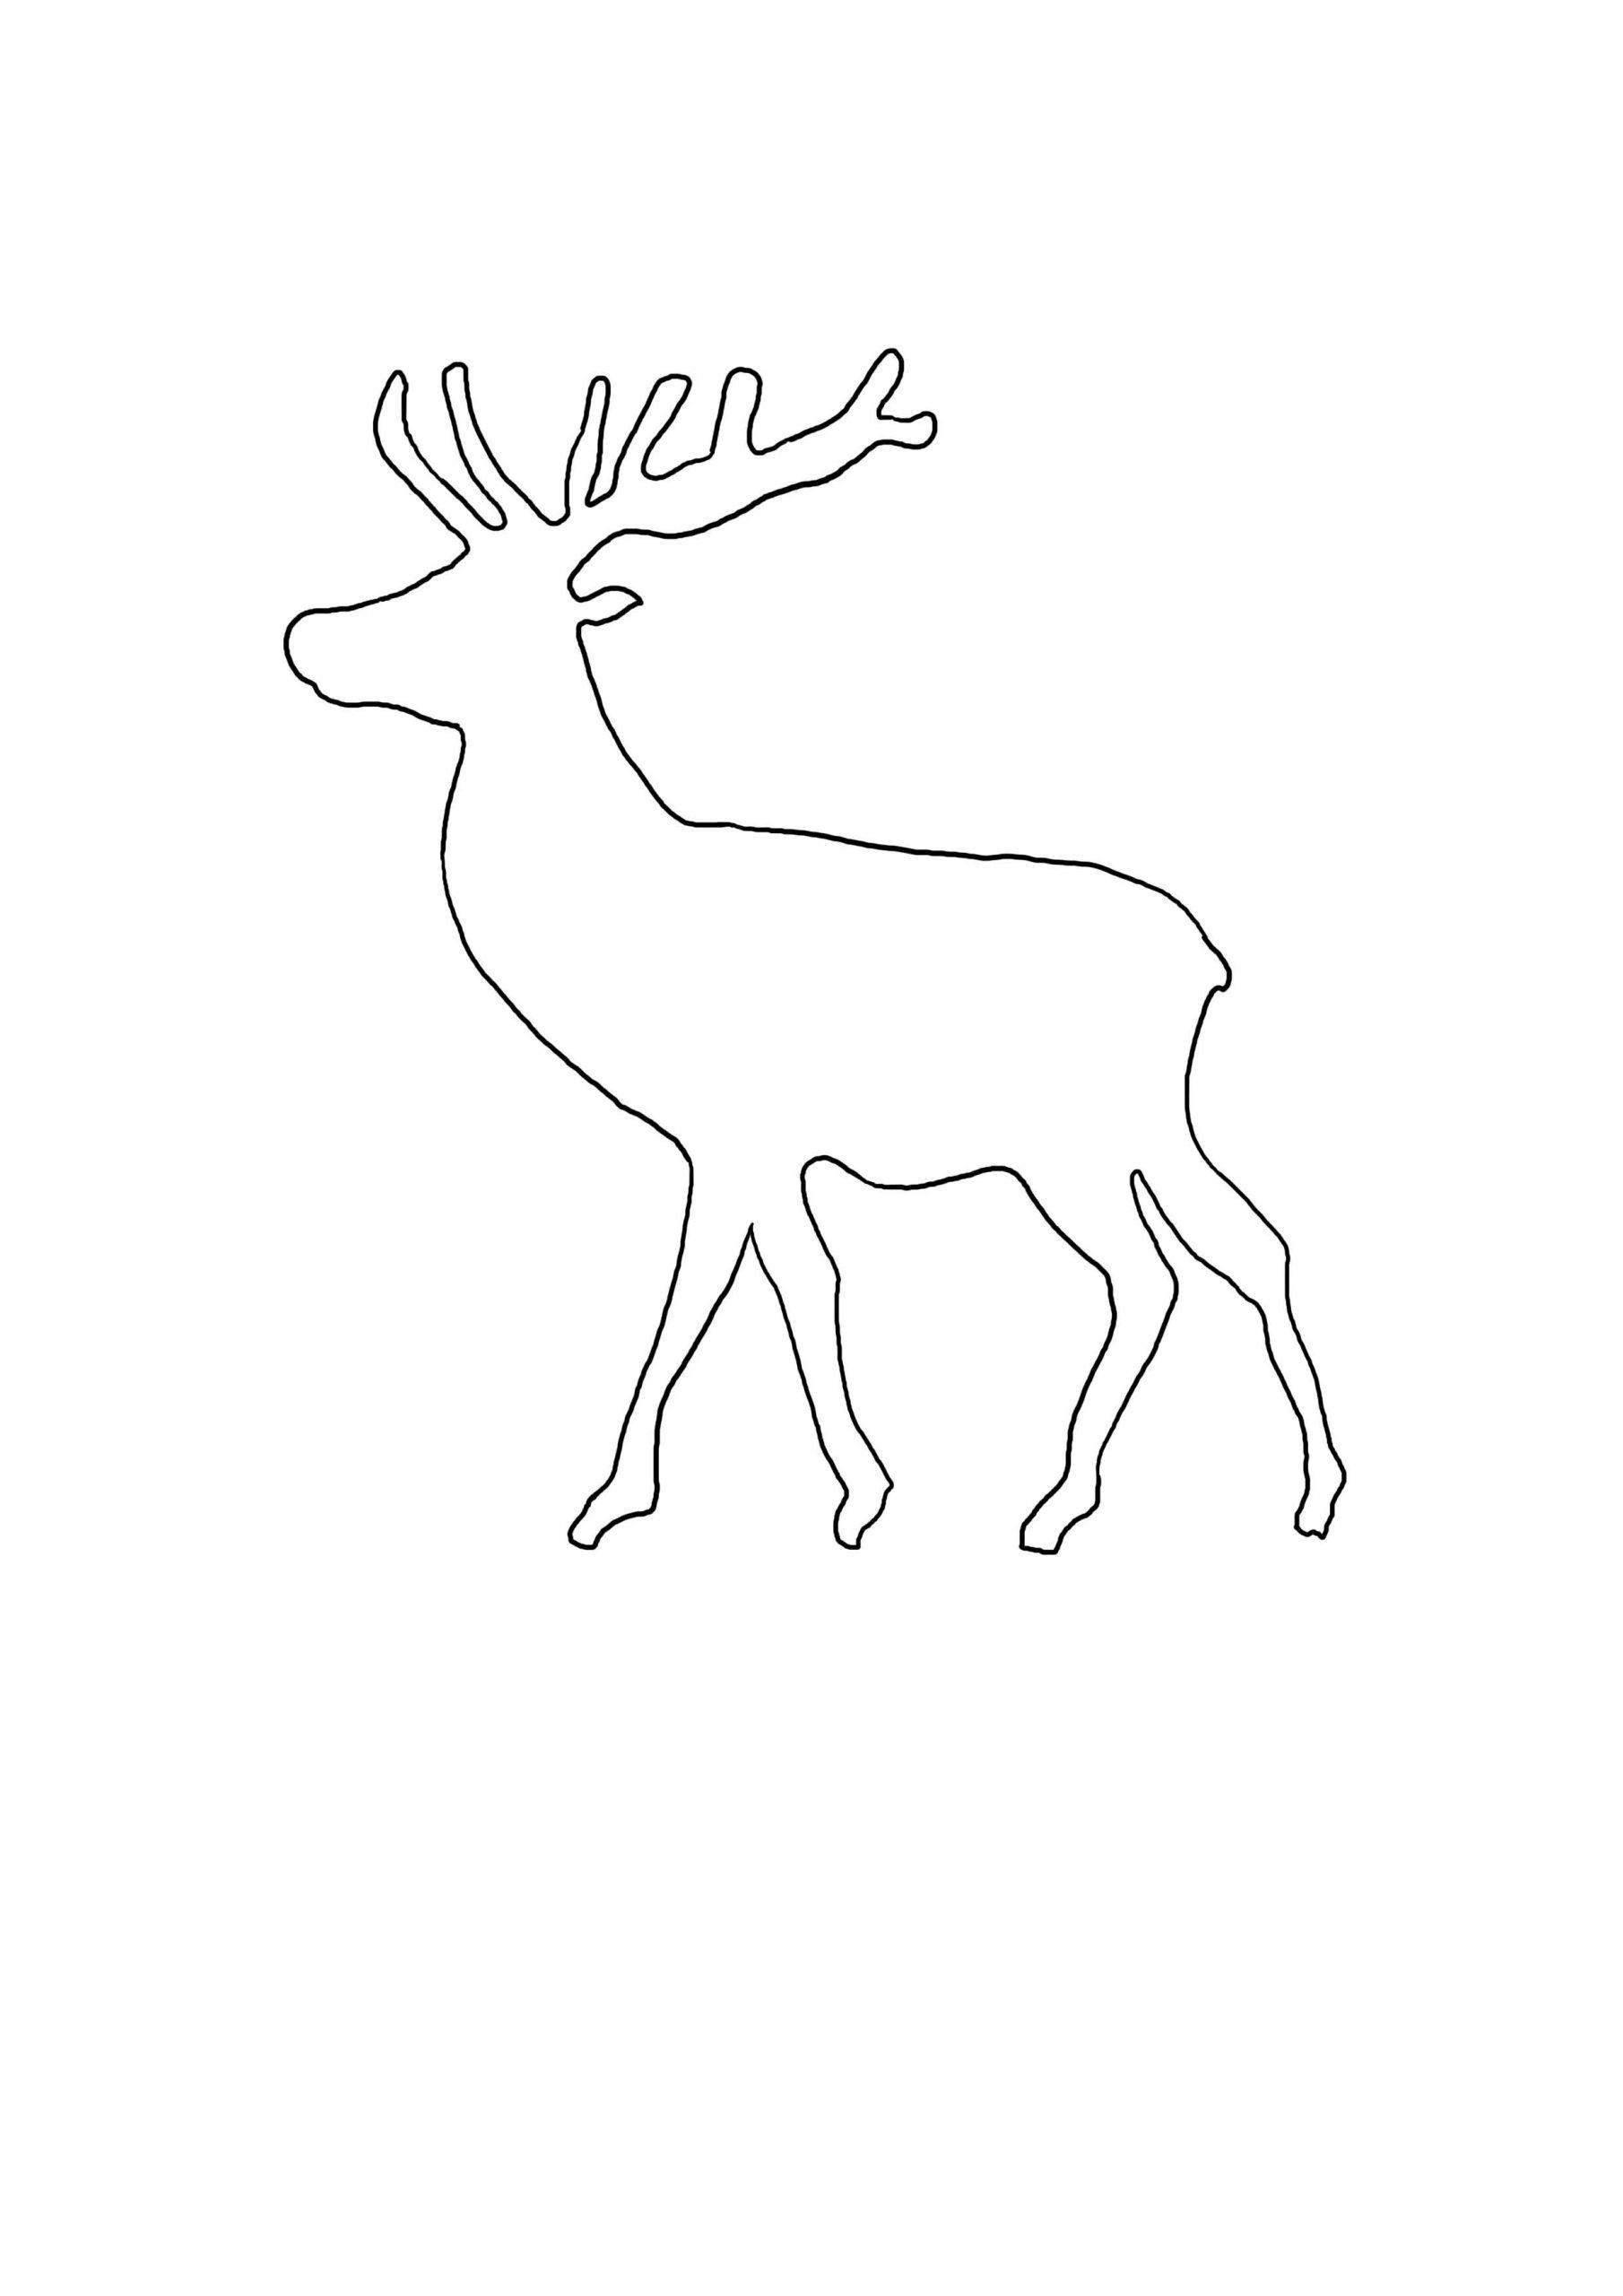 Vorlage_Elch_1 2.480×3.508 Pixel | Weihnachten Basteln bei Bastelvorlagen Weihnachten Zum Ausdrucken Kostenlos